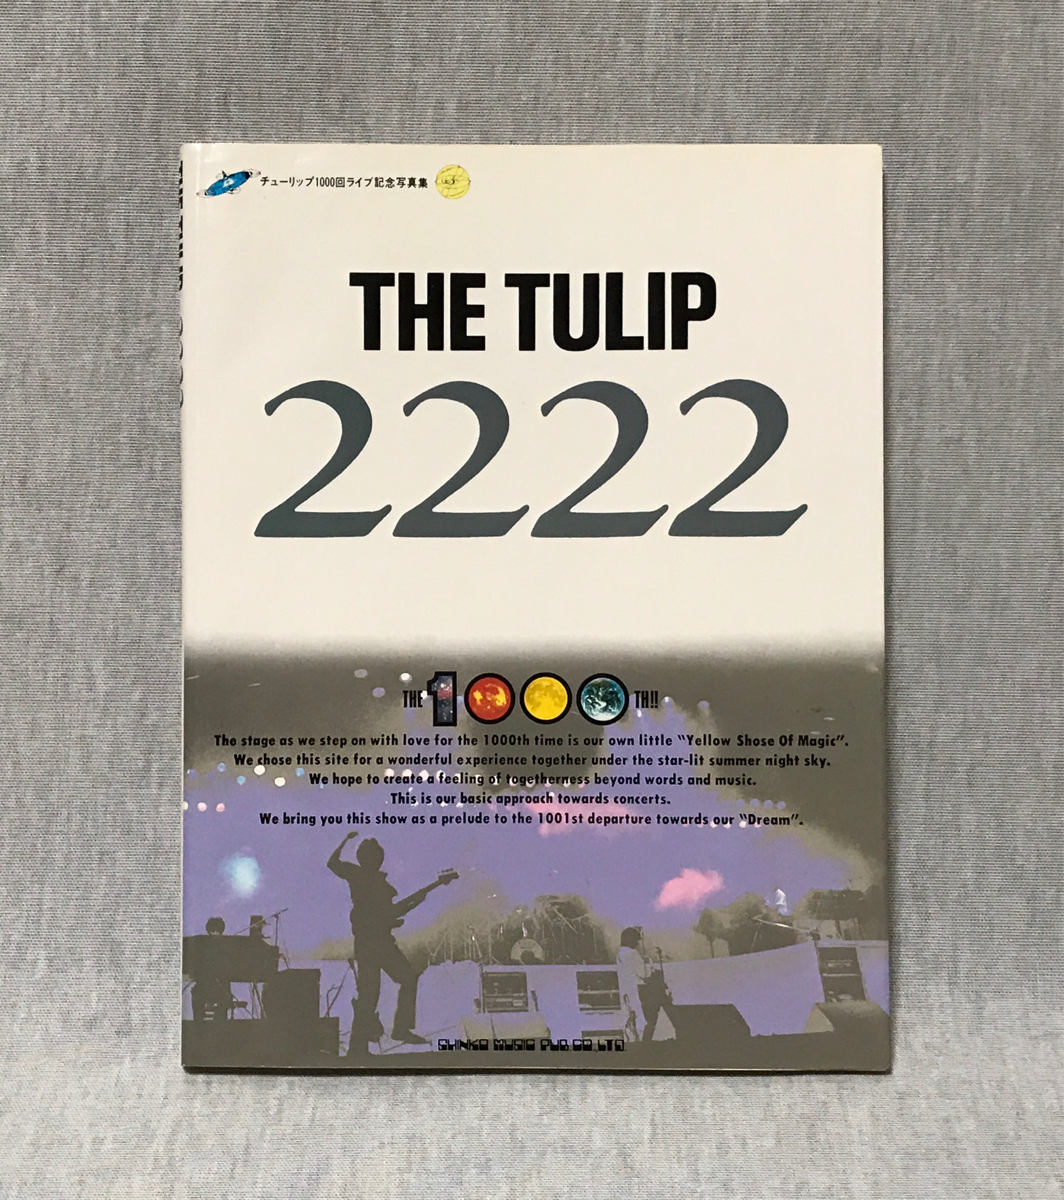 THE TULIP 2222 チューリップ 1000回ライブ記念 写真集